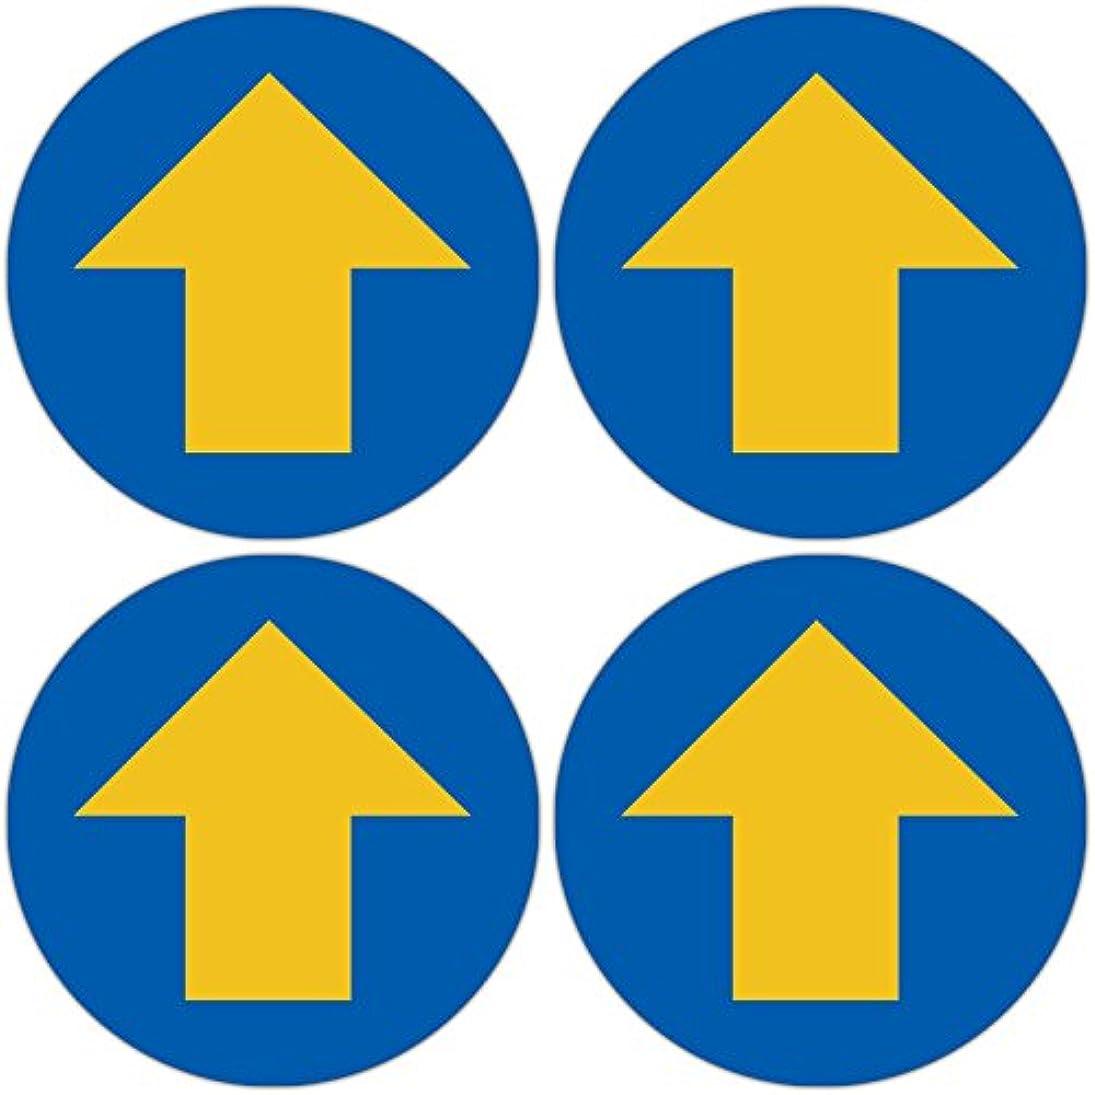 彼らのバルブ間に合わせ「円形?黄色矢印」 床や路面に直接貼れる 路面表示ステッカー 各100X100mm 4枚組